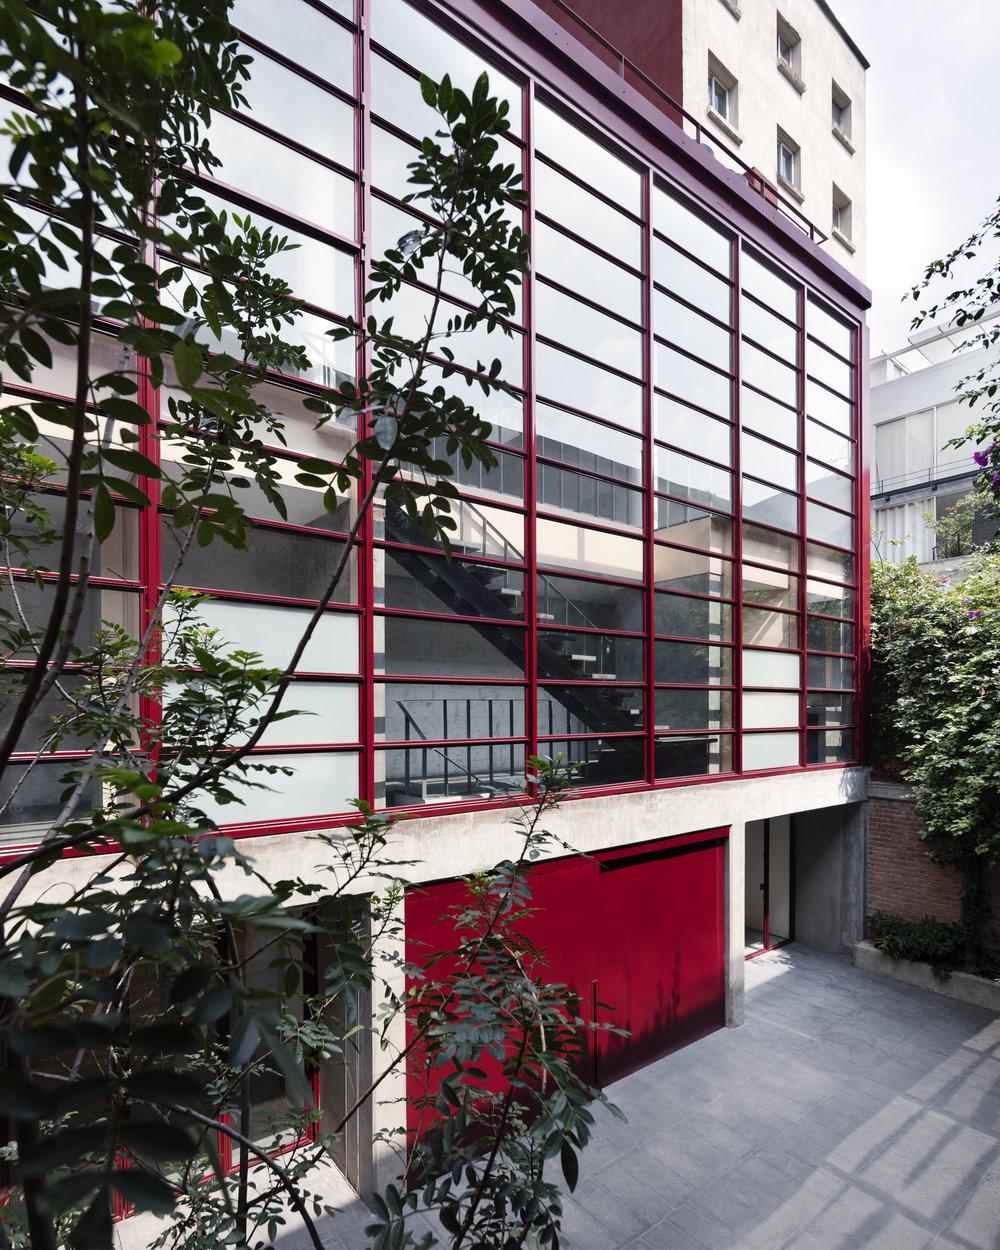 12. Galería OMR, Mexico City. Image: Rory Gardiner. Courtesy of Galería OMR.